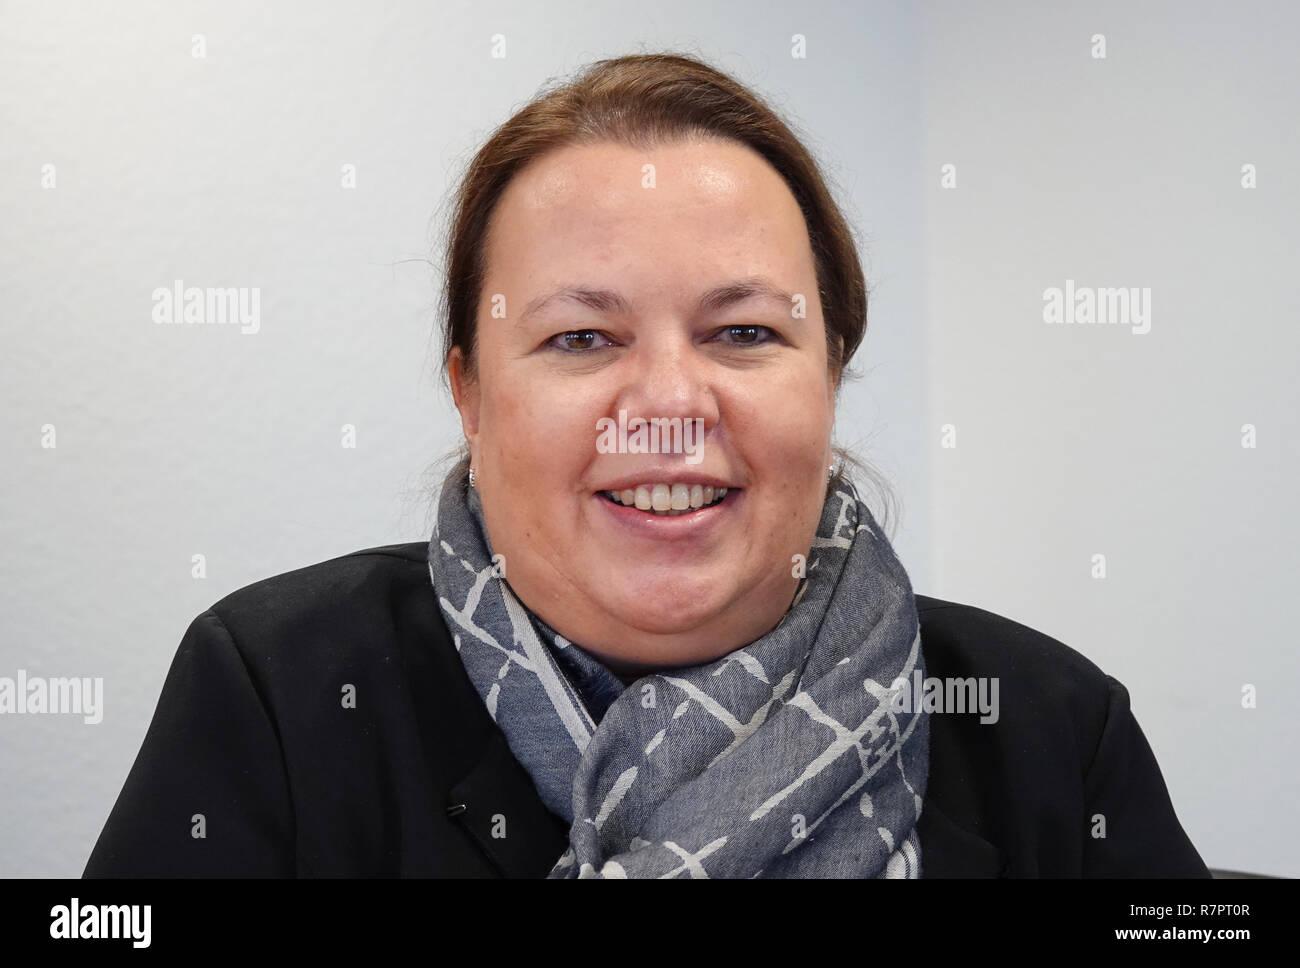 10 December 2018, North Rhine-Westphalia, Düsseldorf: North Rhine-Westphalia's Environment Minister Ursula Heinen-Esser (CDU) at a dpa interview. Photo: David Schwarz/dpa - Stock Image